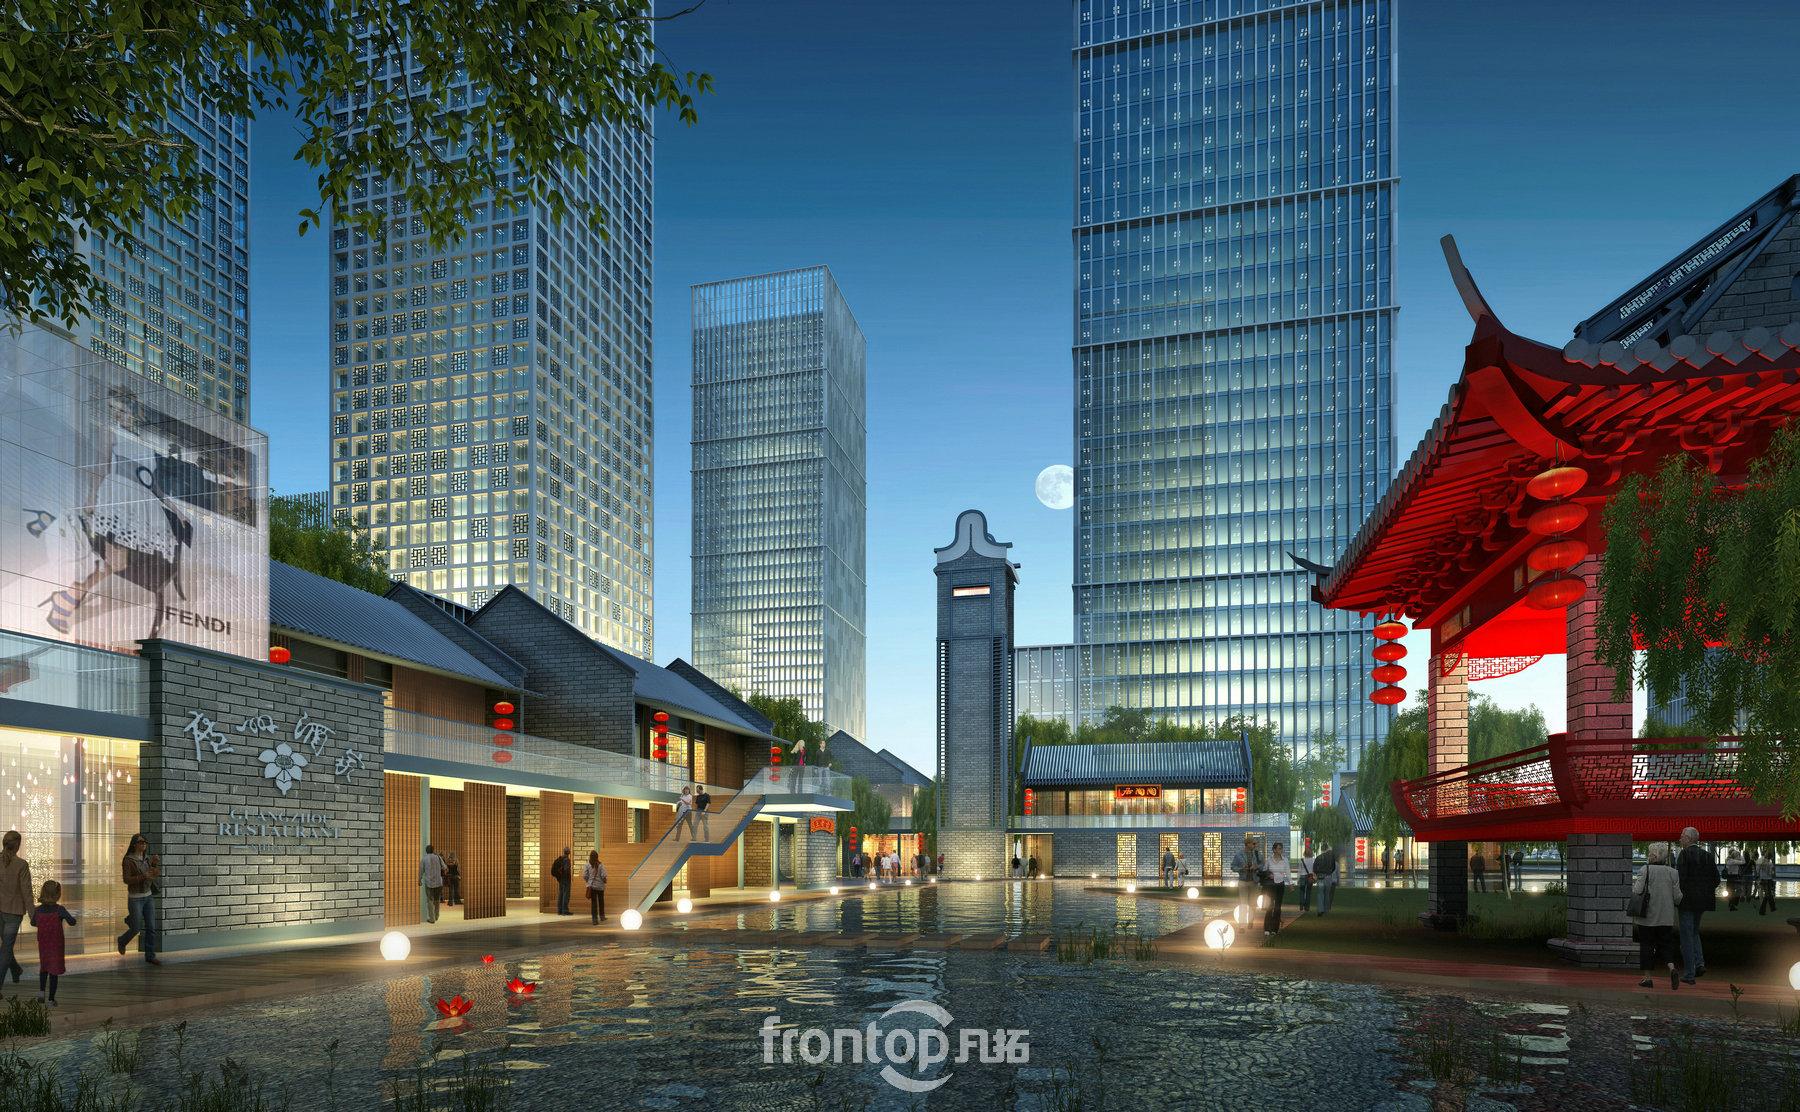 广州金融城 (1)